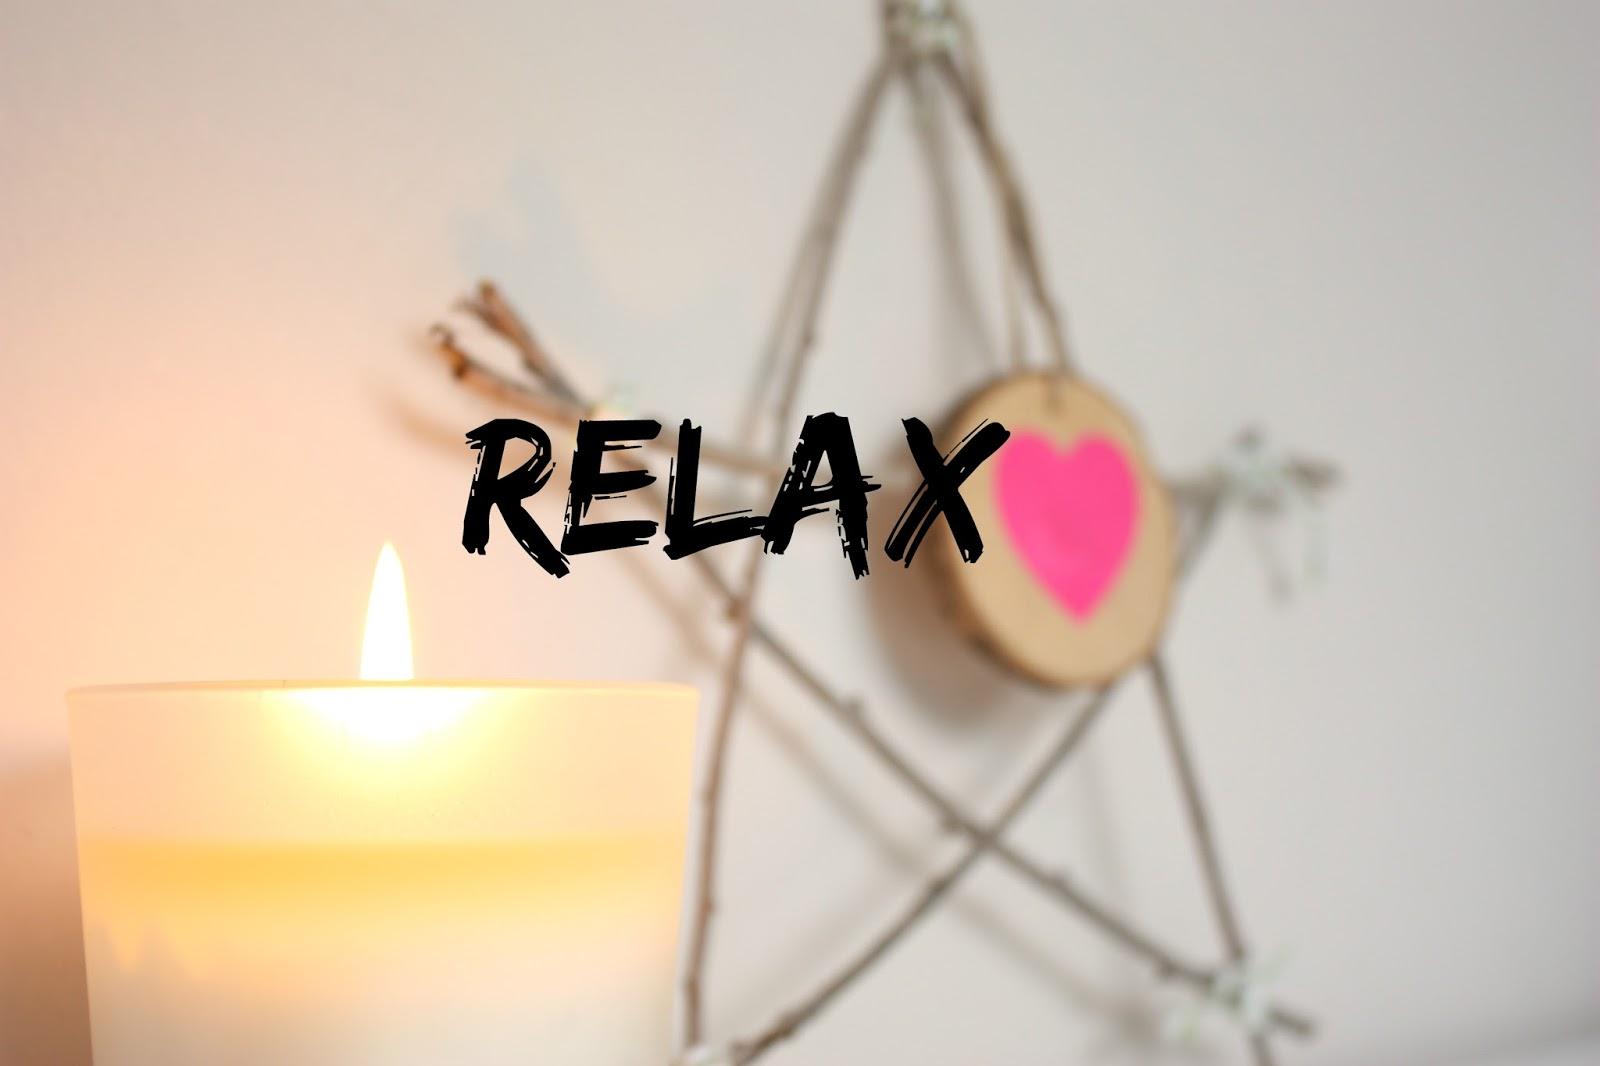 http://mediasytintas.blogspot.com/2015/04/relax.html